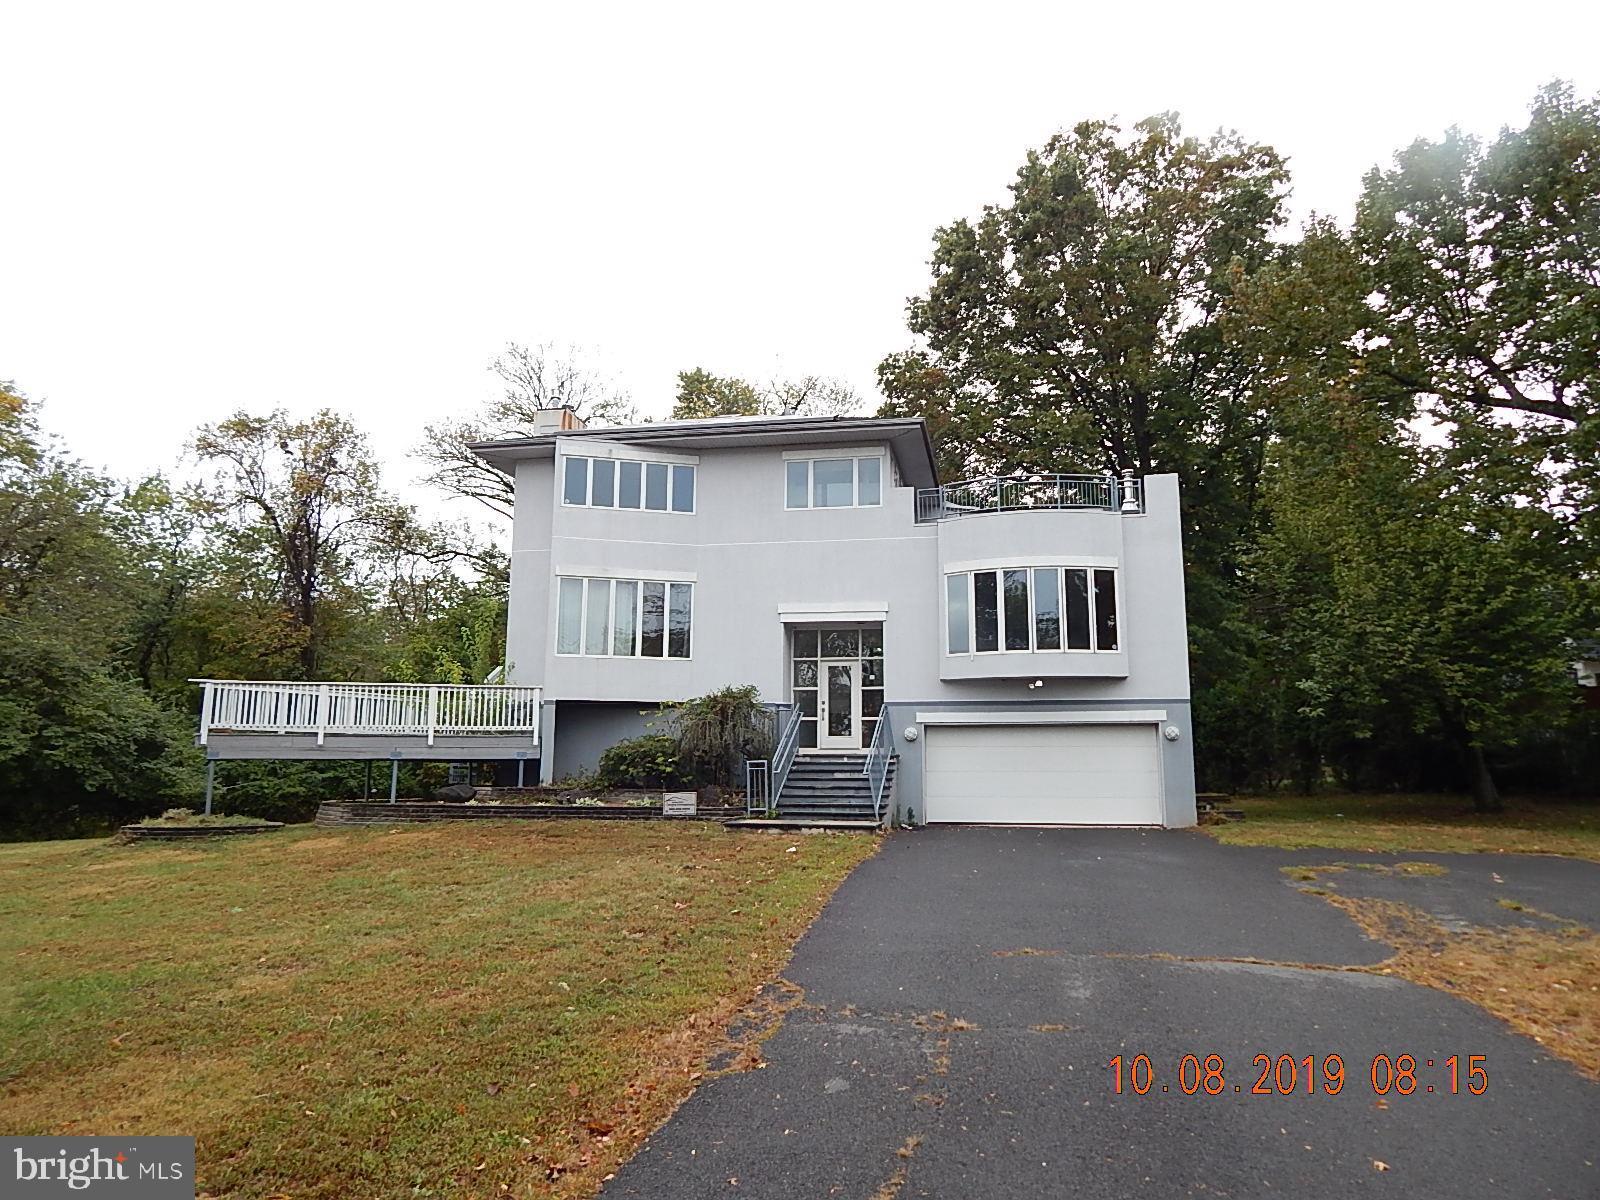 852 KINGSTON Rd, Princeton, NJ, 08540